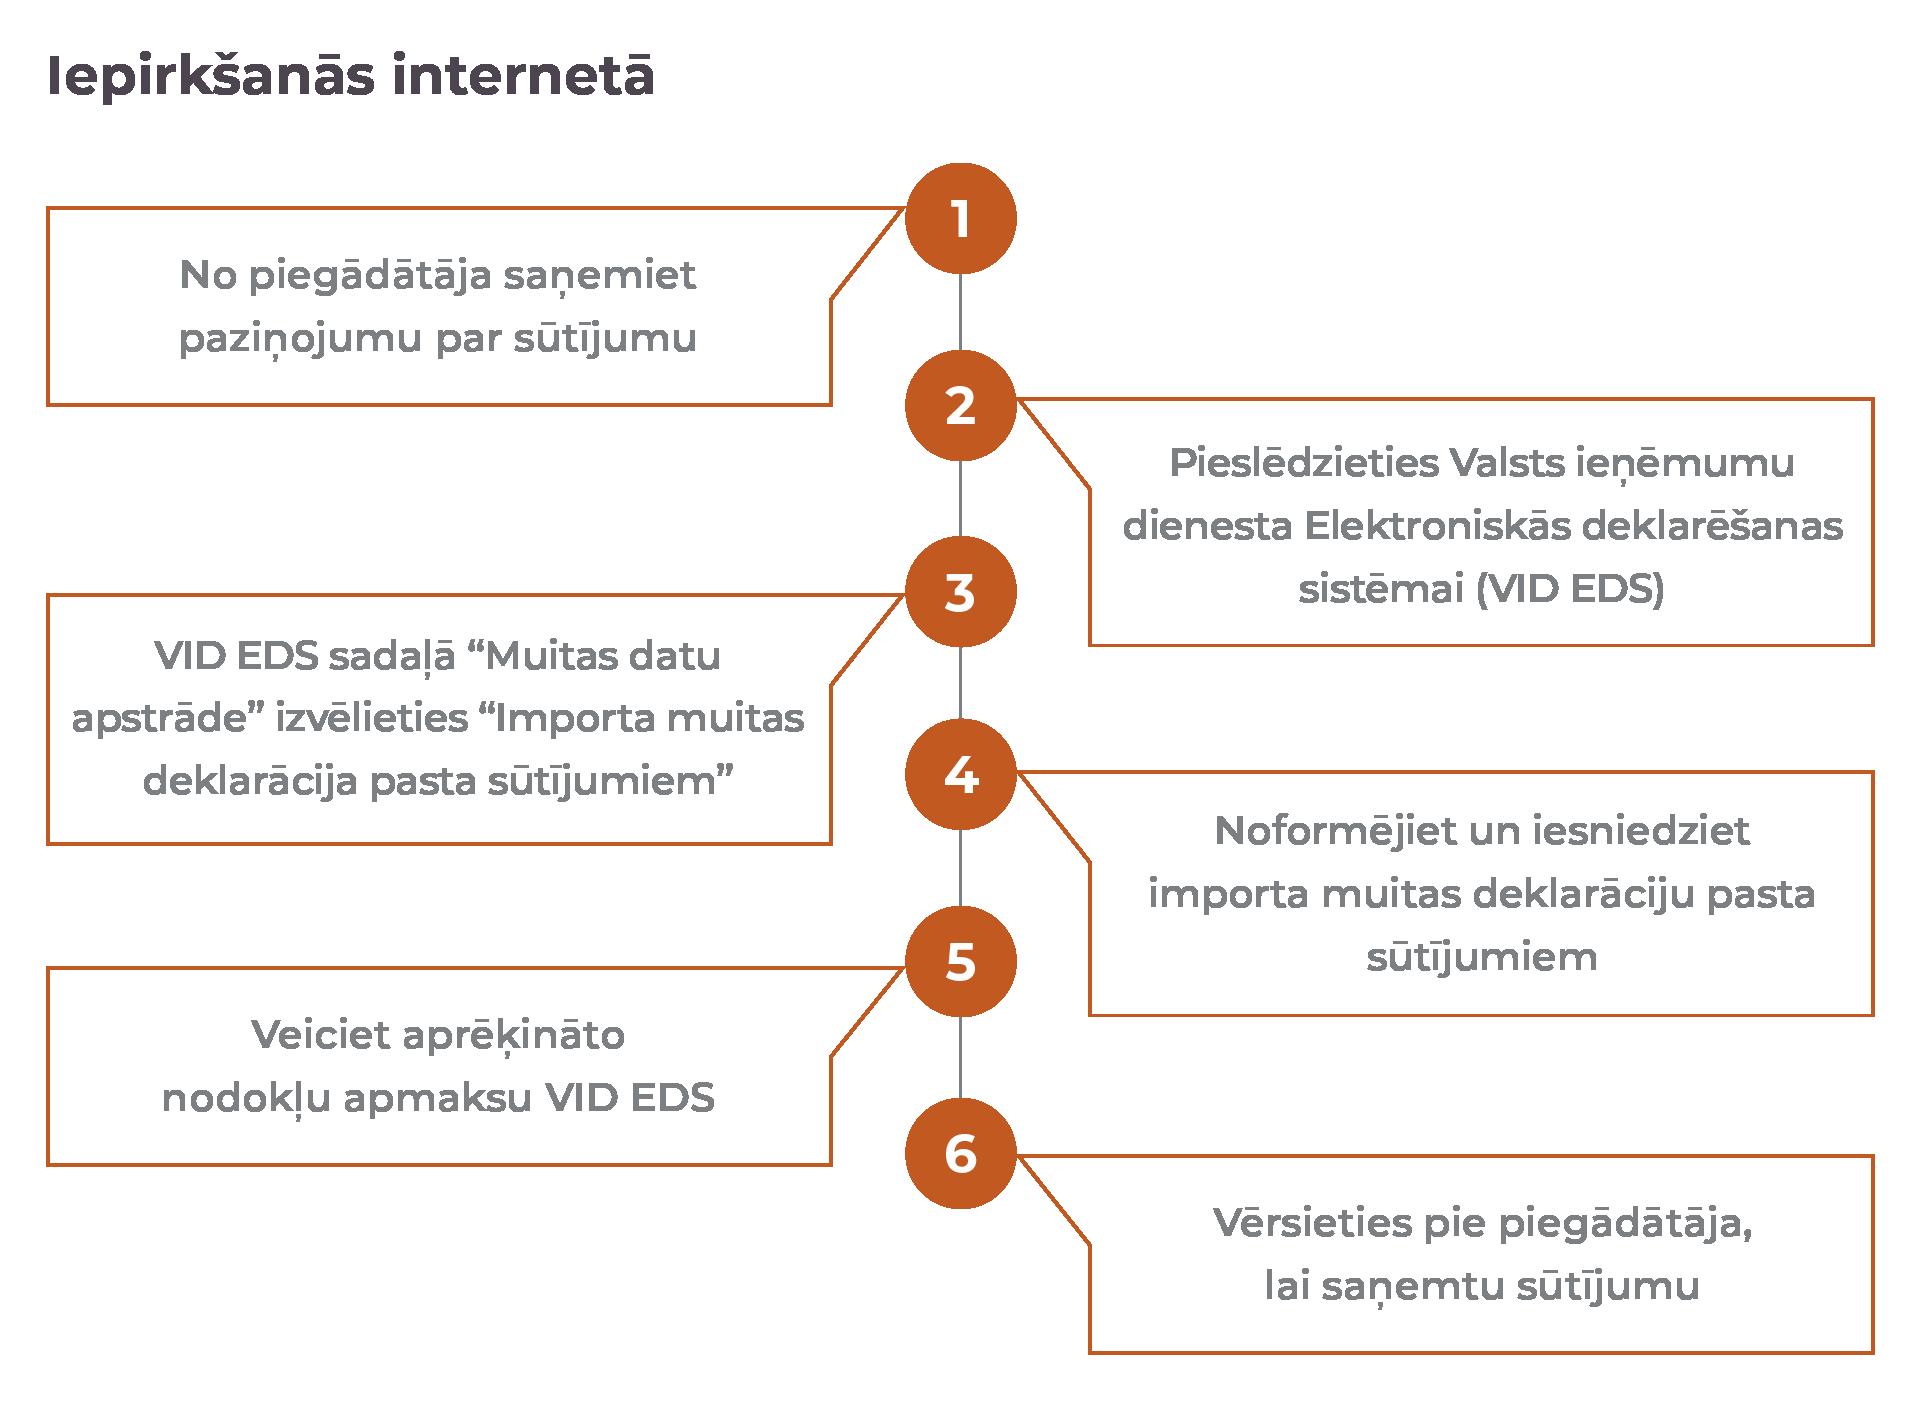 tīkla ieņēmumi, izmantojot jūsu vietnes palīdzību efektīvas bināro opciju video stratēģijas